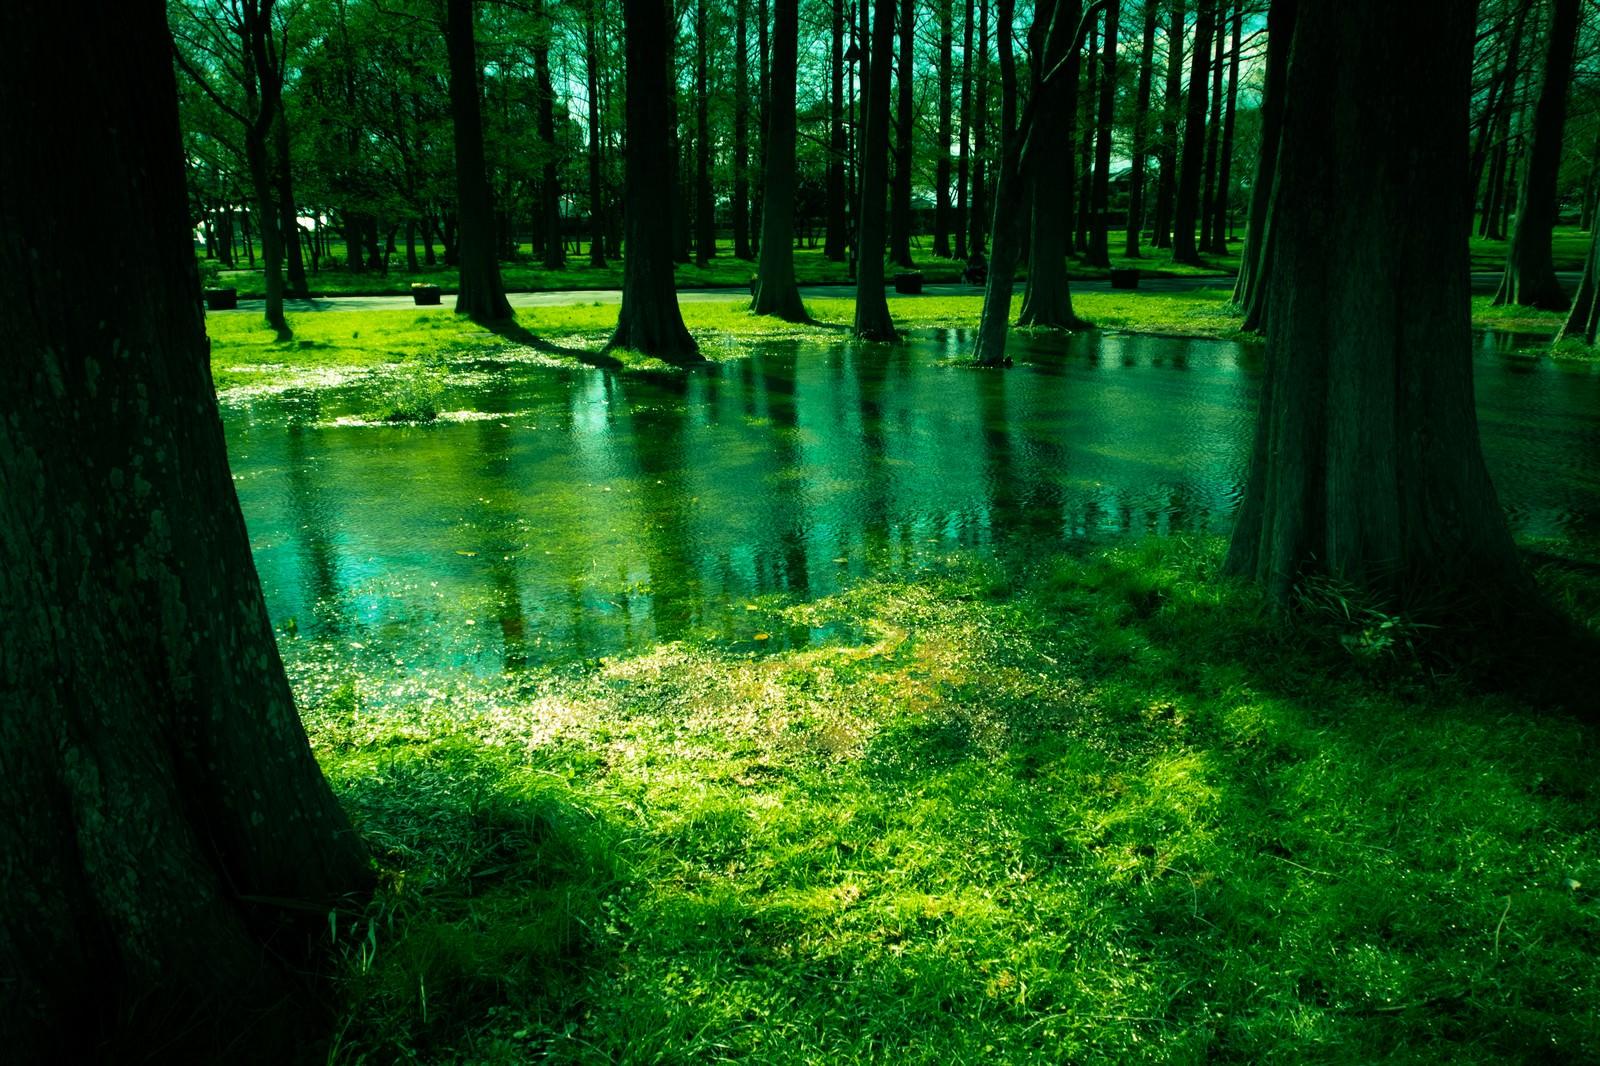 「水元公園の木々と水たまり水元公園の木々と水たまり」のフリー写真素材を拡大